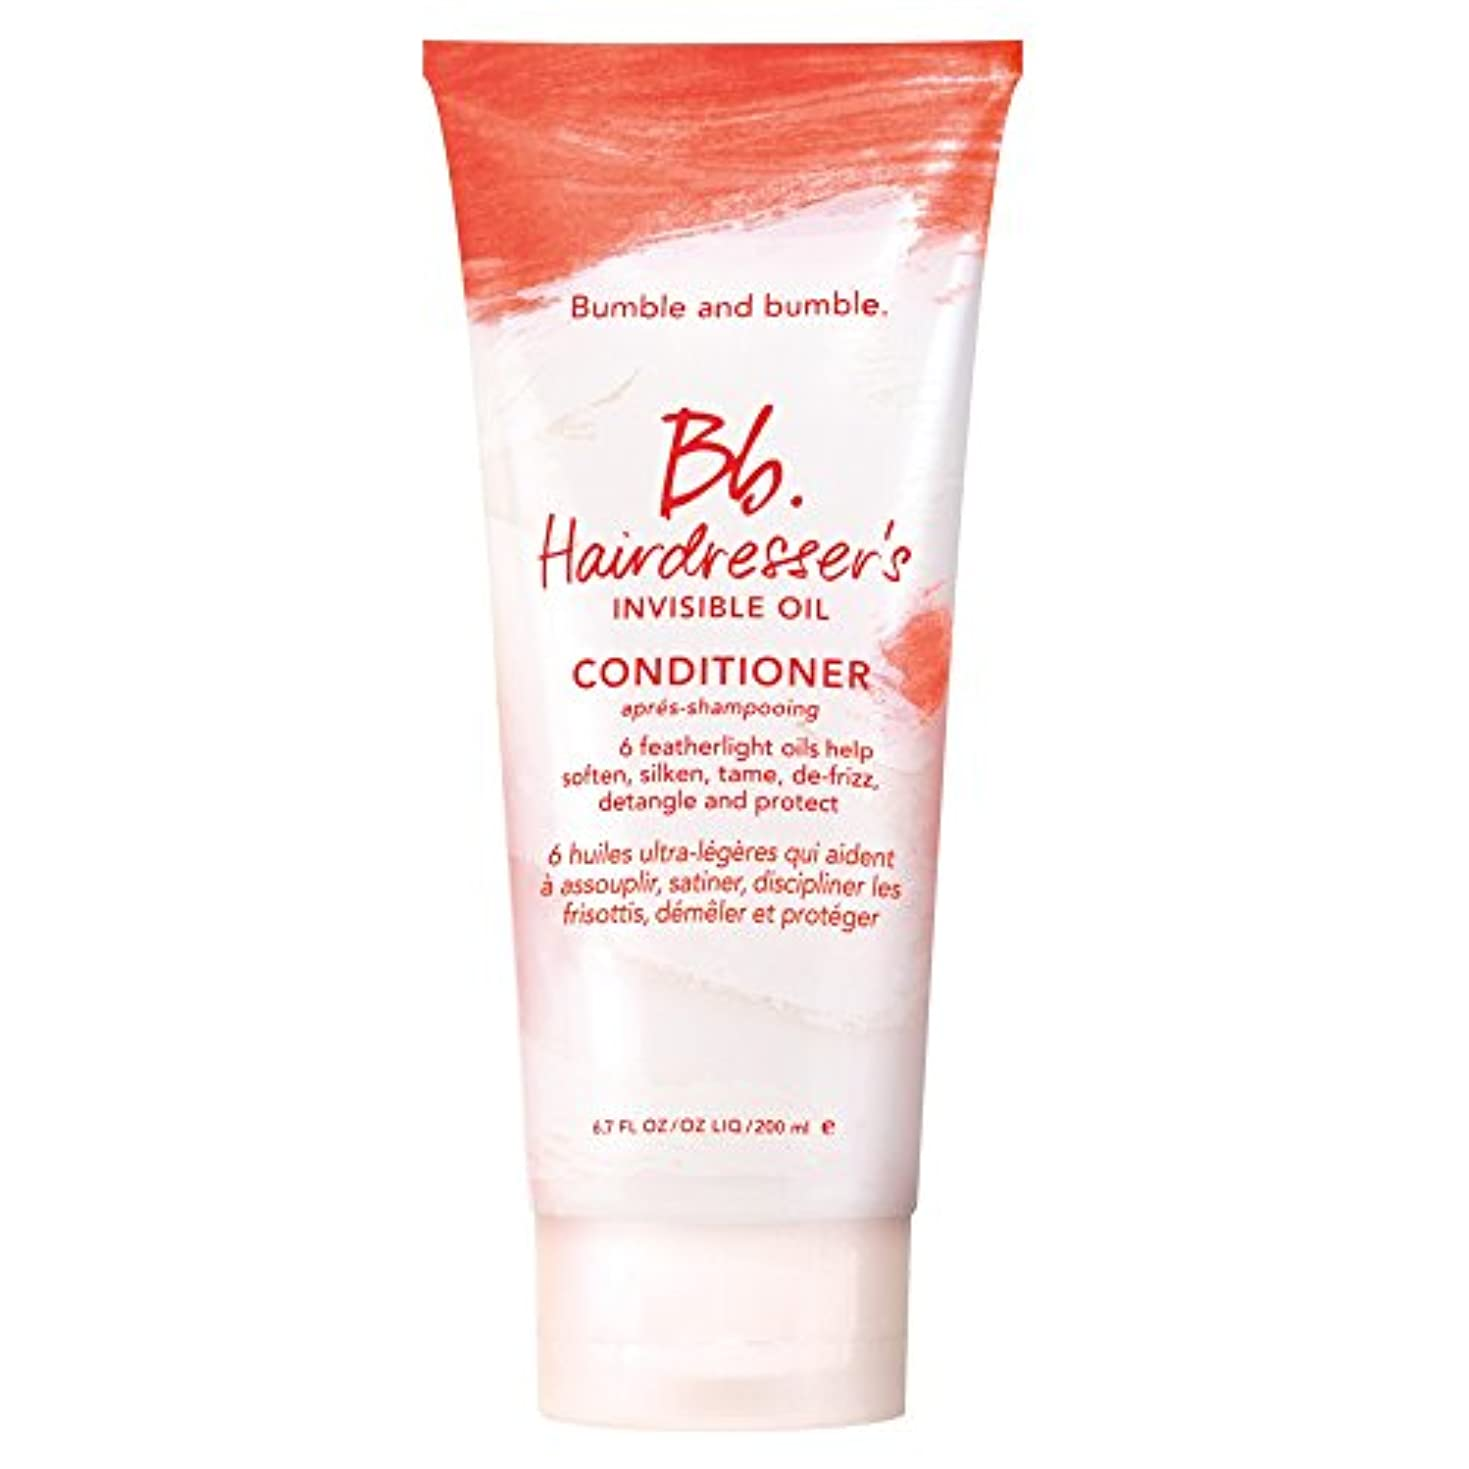 早める激怒ゆりかごバンブルアンドバンブル美容見えないオイルコンディショナー200ミリリットル (Bumble and bumble) - Bumble and bumble Hairdressers invisible oil conditioner...